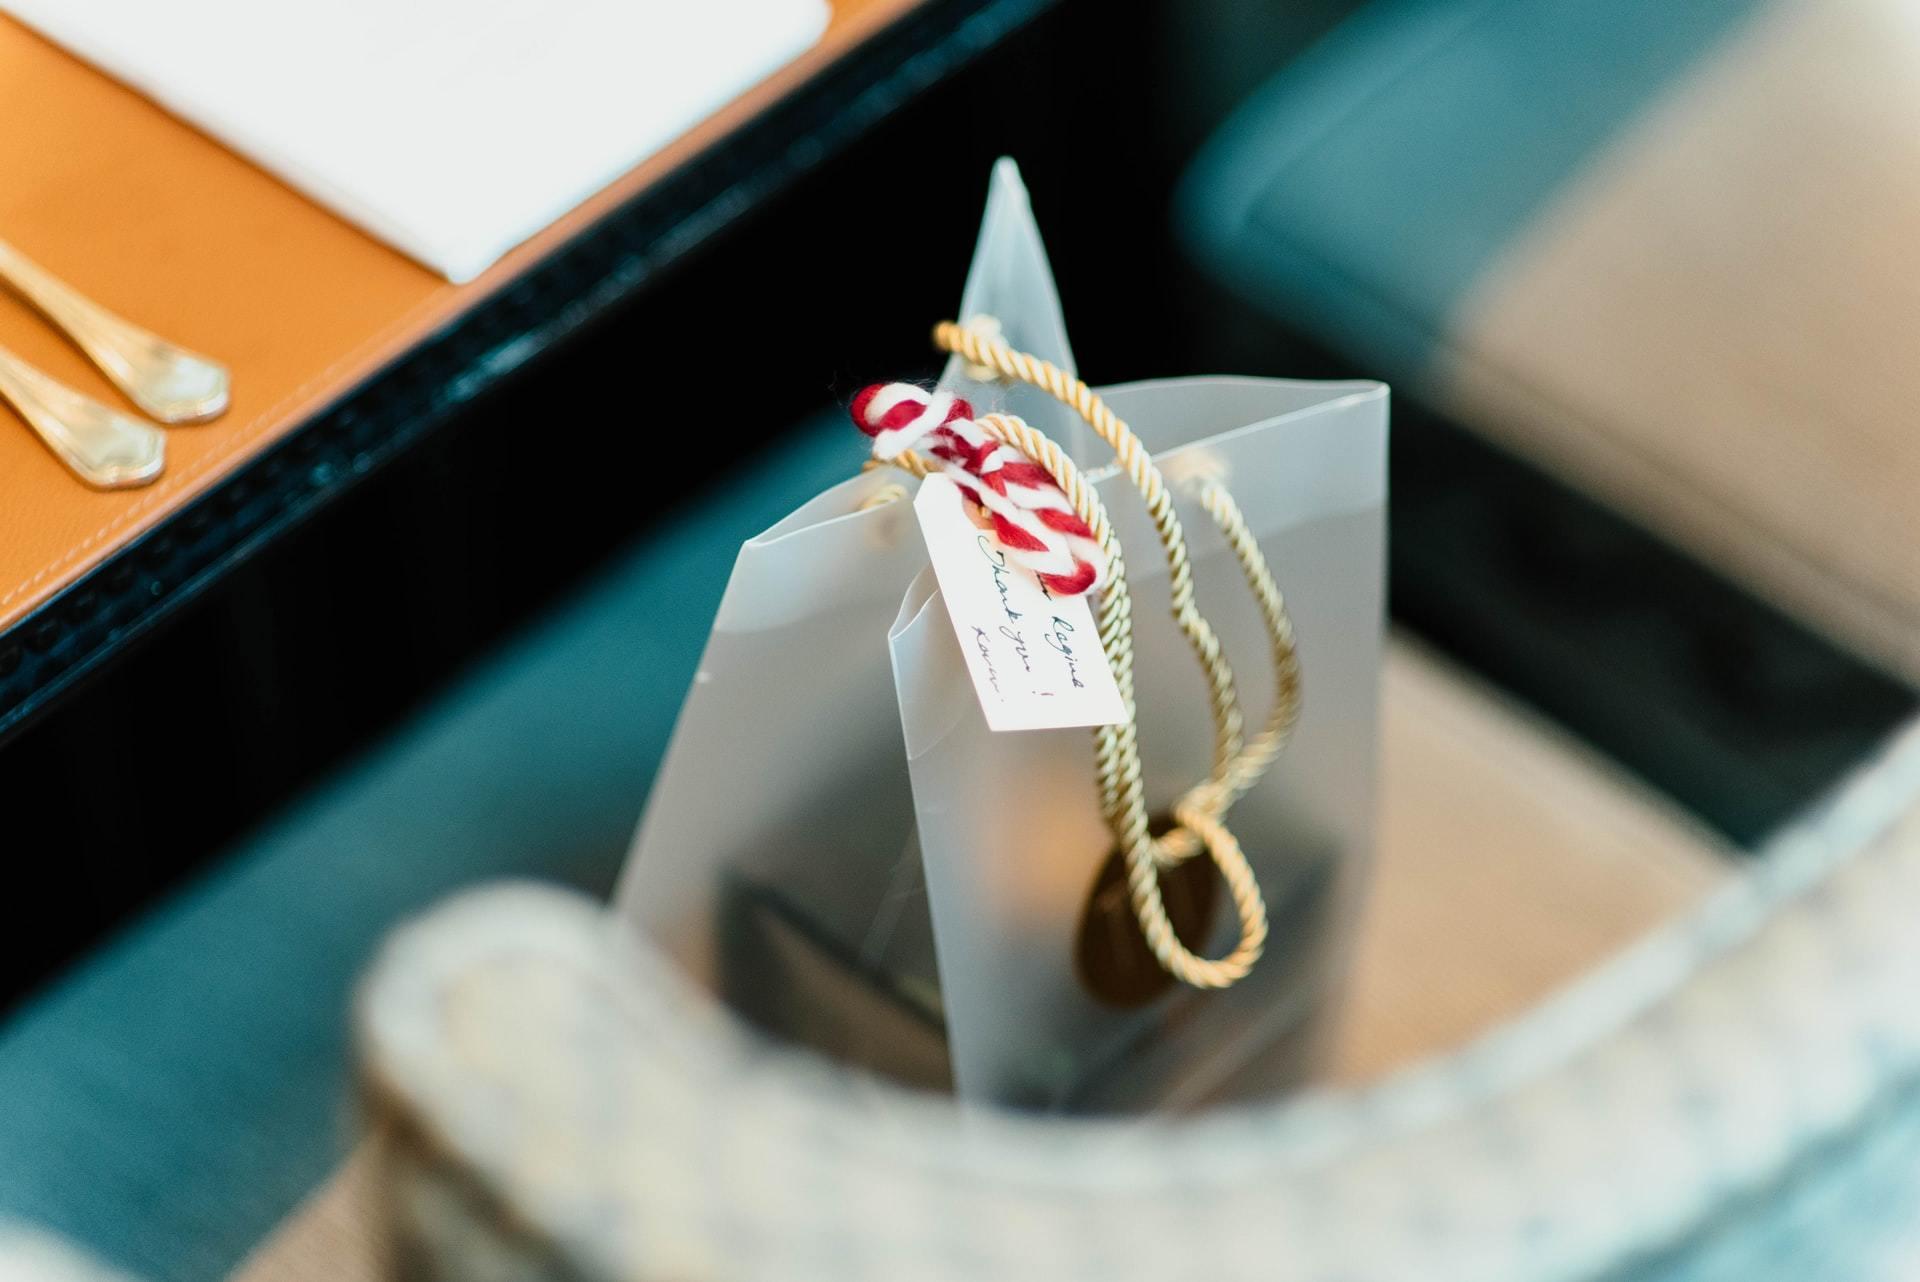 レストランの椅子に置かれたプレゼント